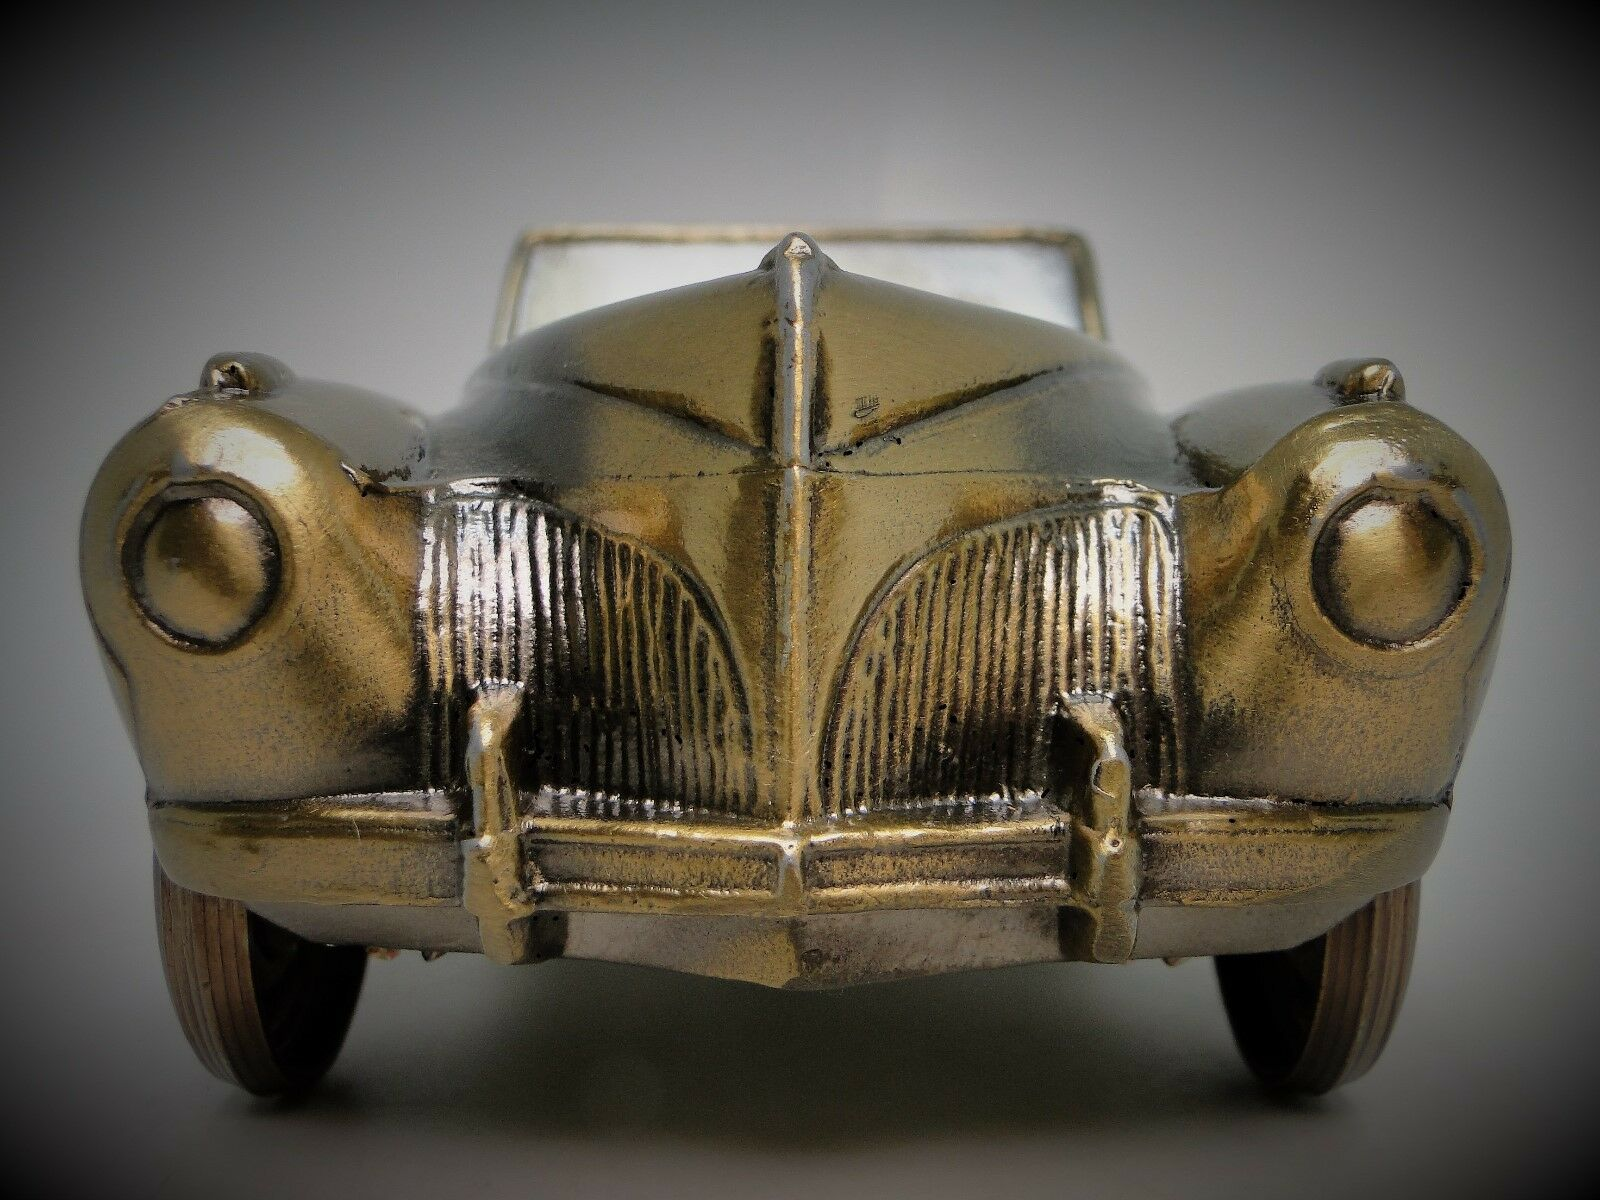 Venta al por mayor barato y de alta calidad. Un modelo 1940s Ford Lincoln Antiguo Vintage Vintage Vintage T coche 18 Metal 12 Bronce 43 GT 1 24  en promociones de estadios